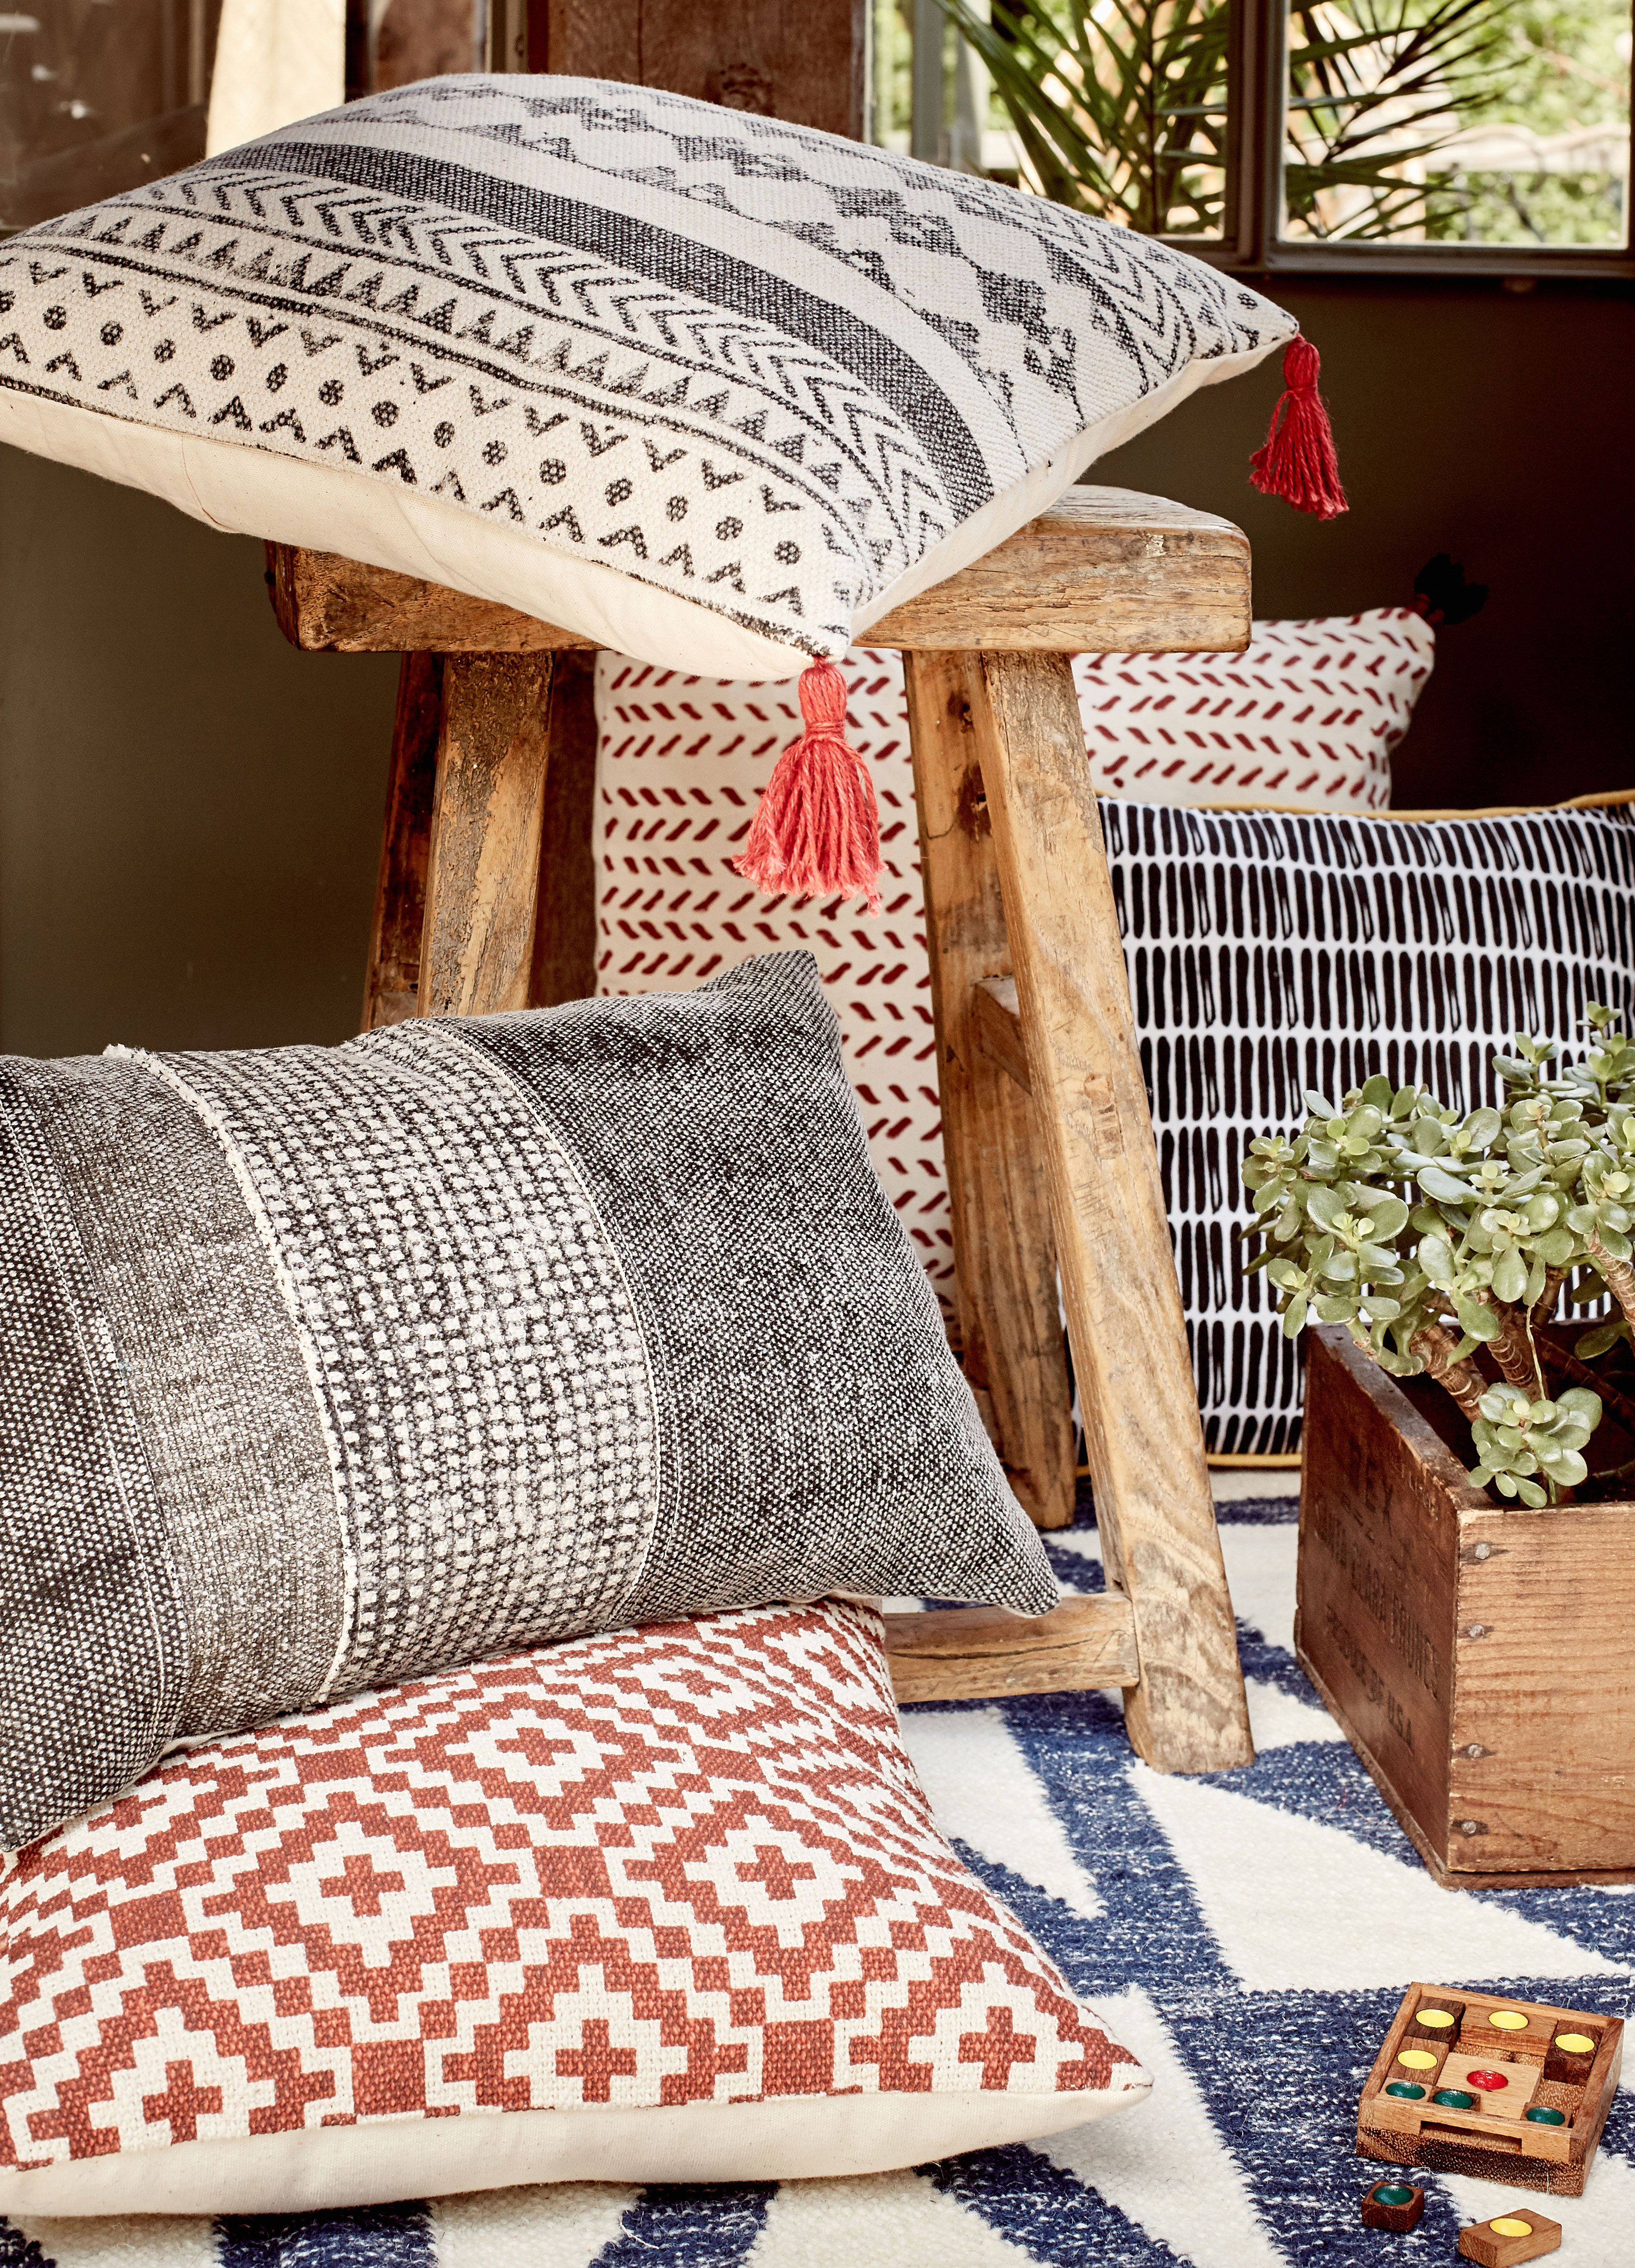 Koes Coussin En Coton Rouge A Motifs Decoration Deco Maison Alinea Coussin Deco Maison Pouf En Tissu